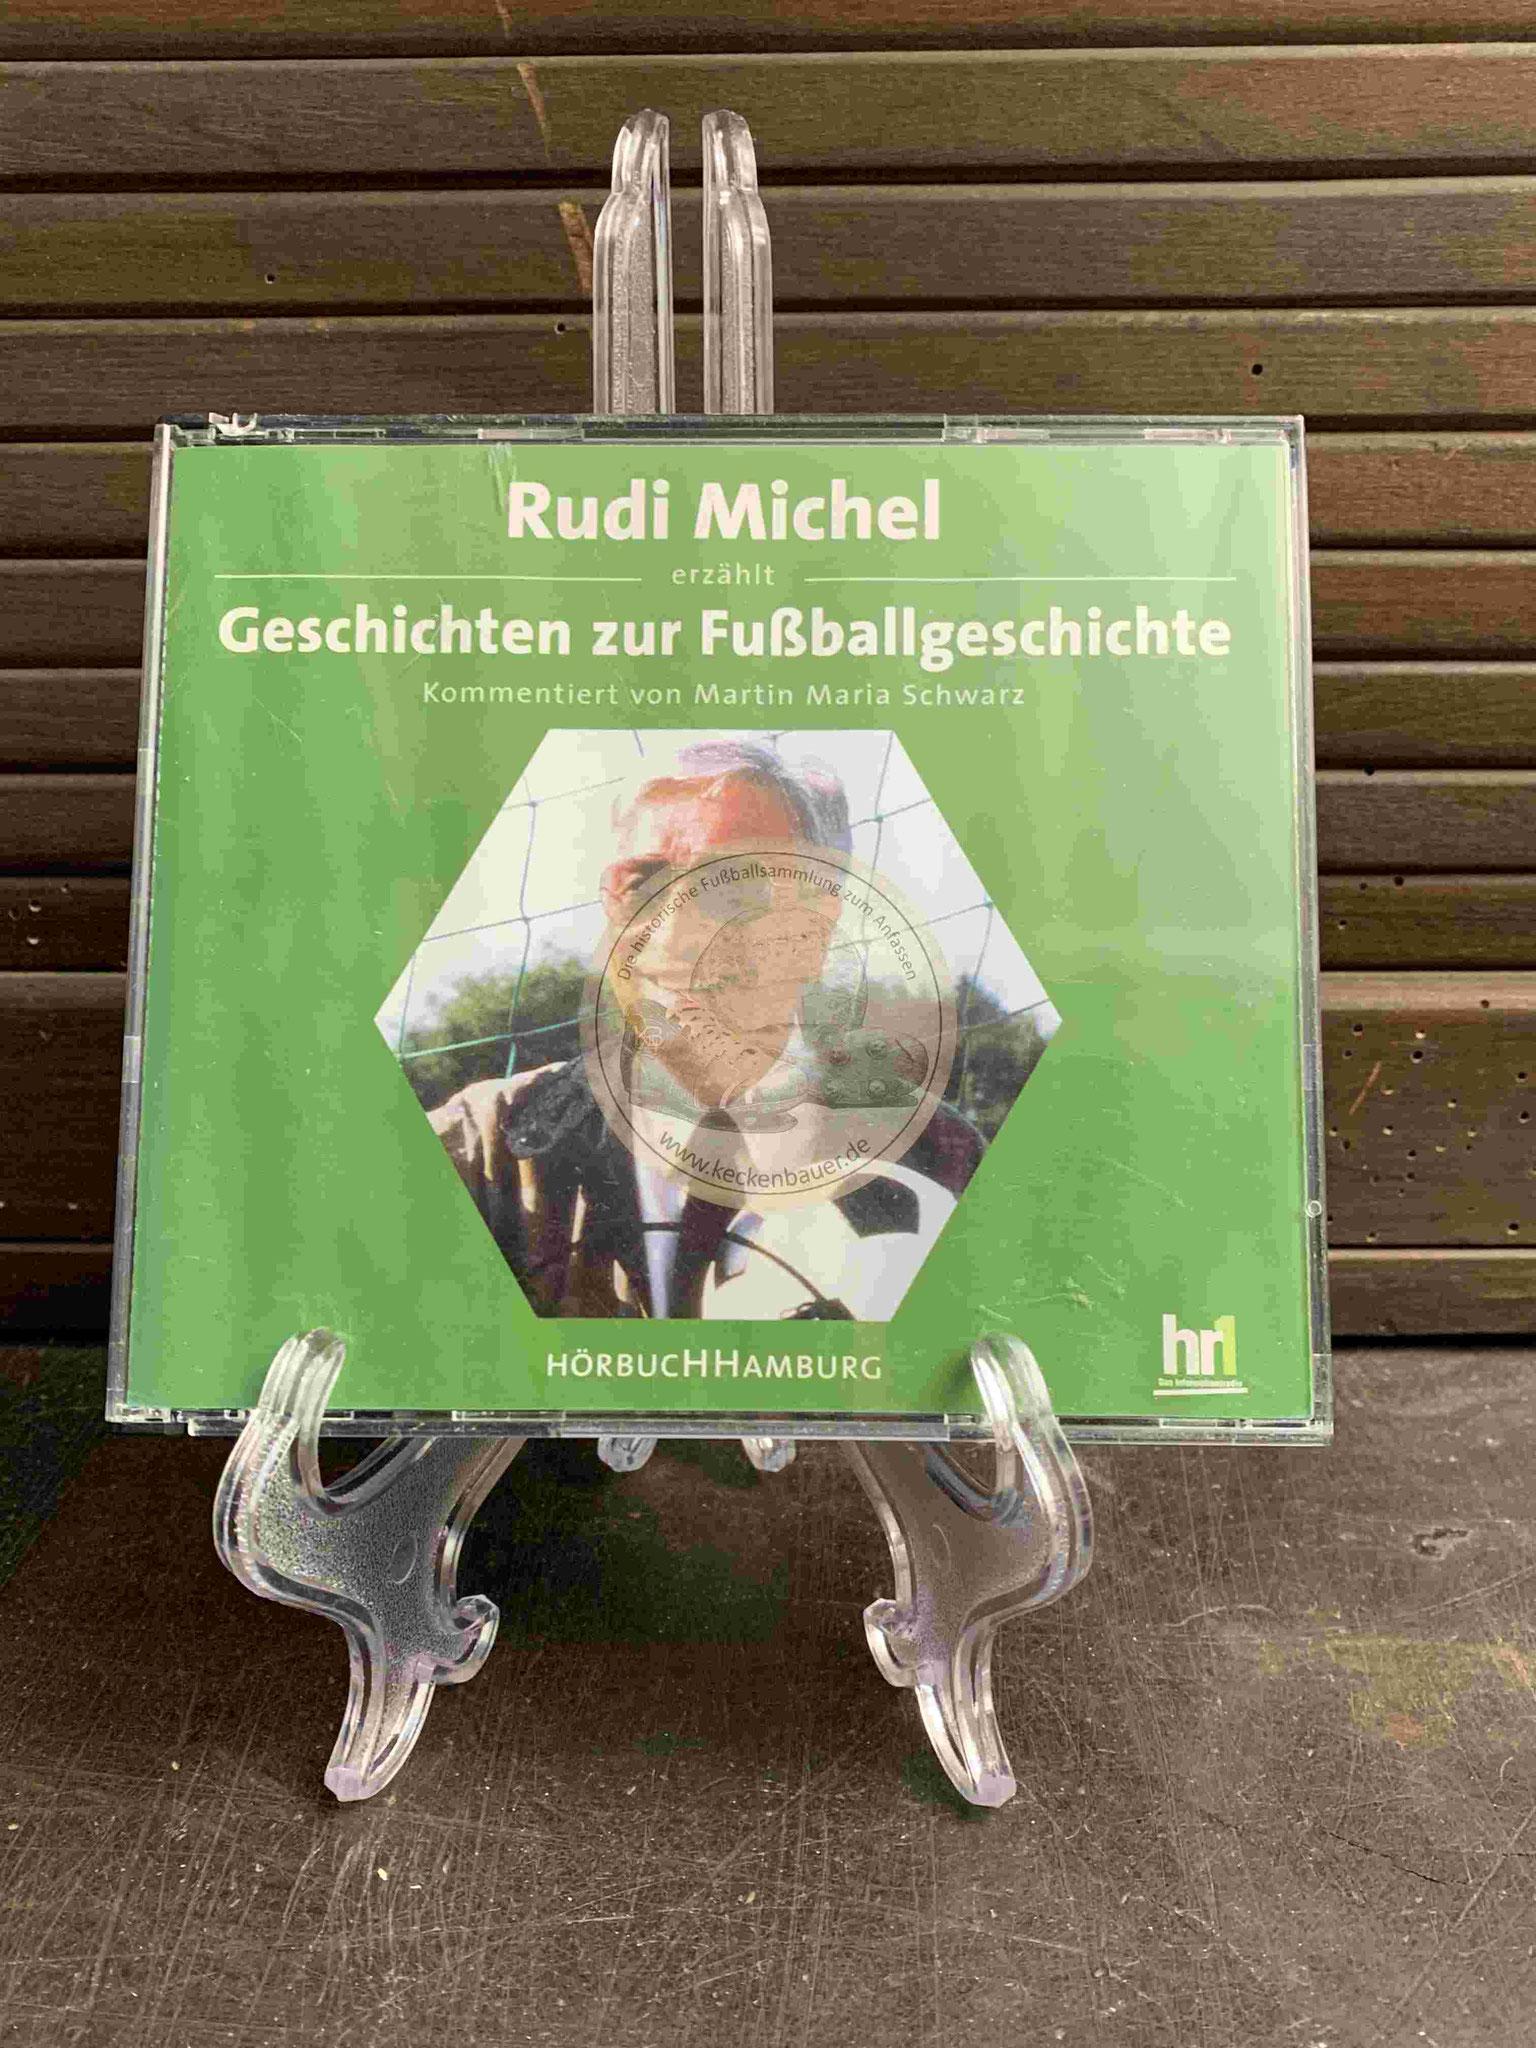 2001 Rudi Michel Geschichten zur Fußballgeschichte